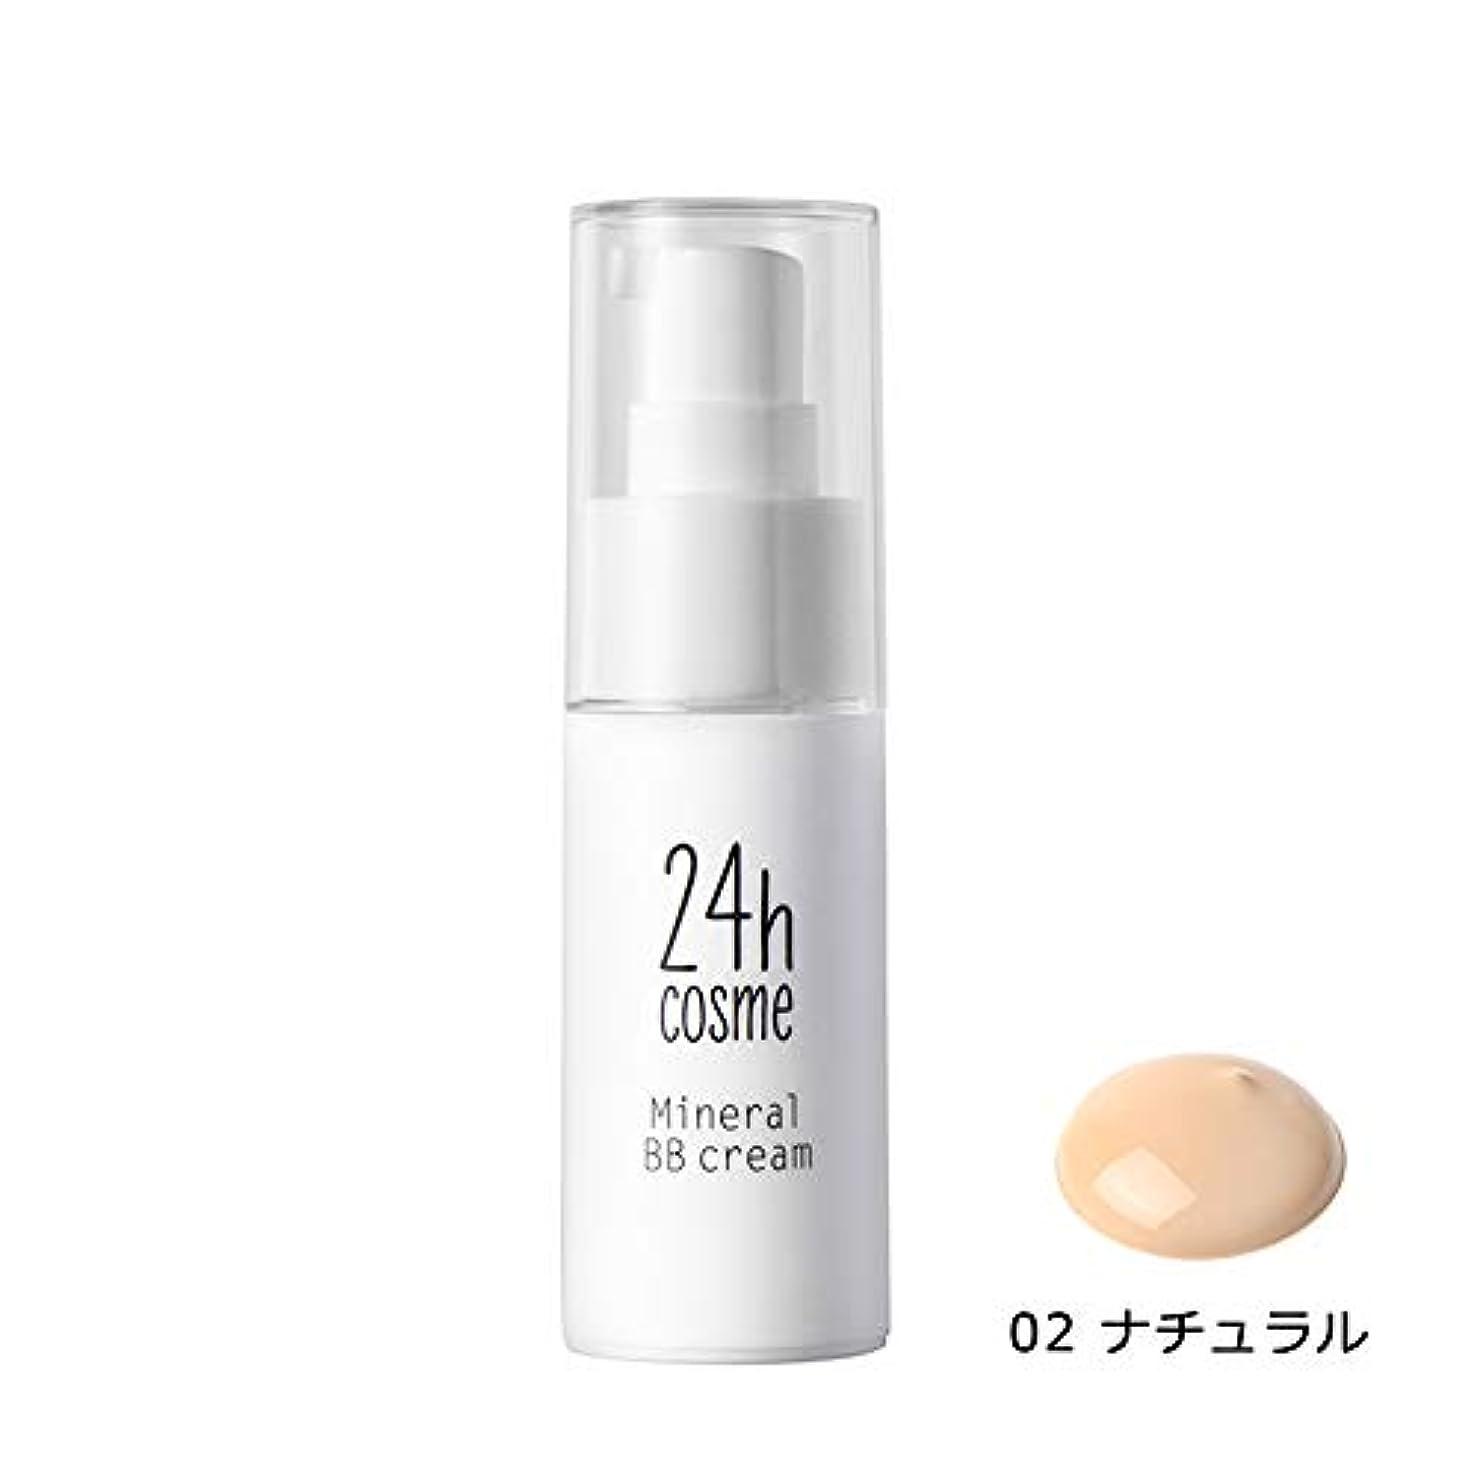 矢印とは異なり悪名高い24h cosme 24 ミネラルBBクリーム 02 ナチュラル SPF30PA+++